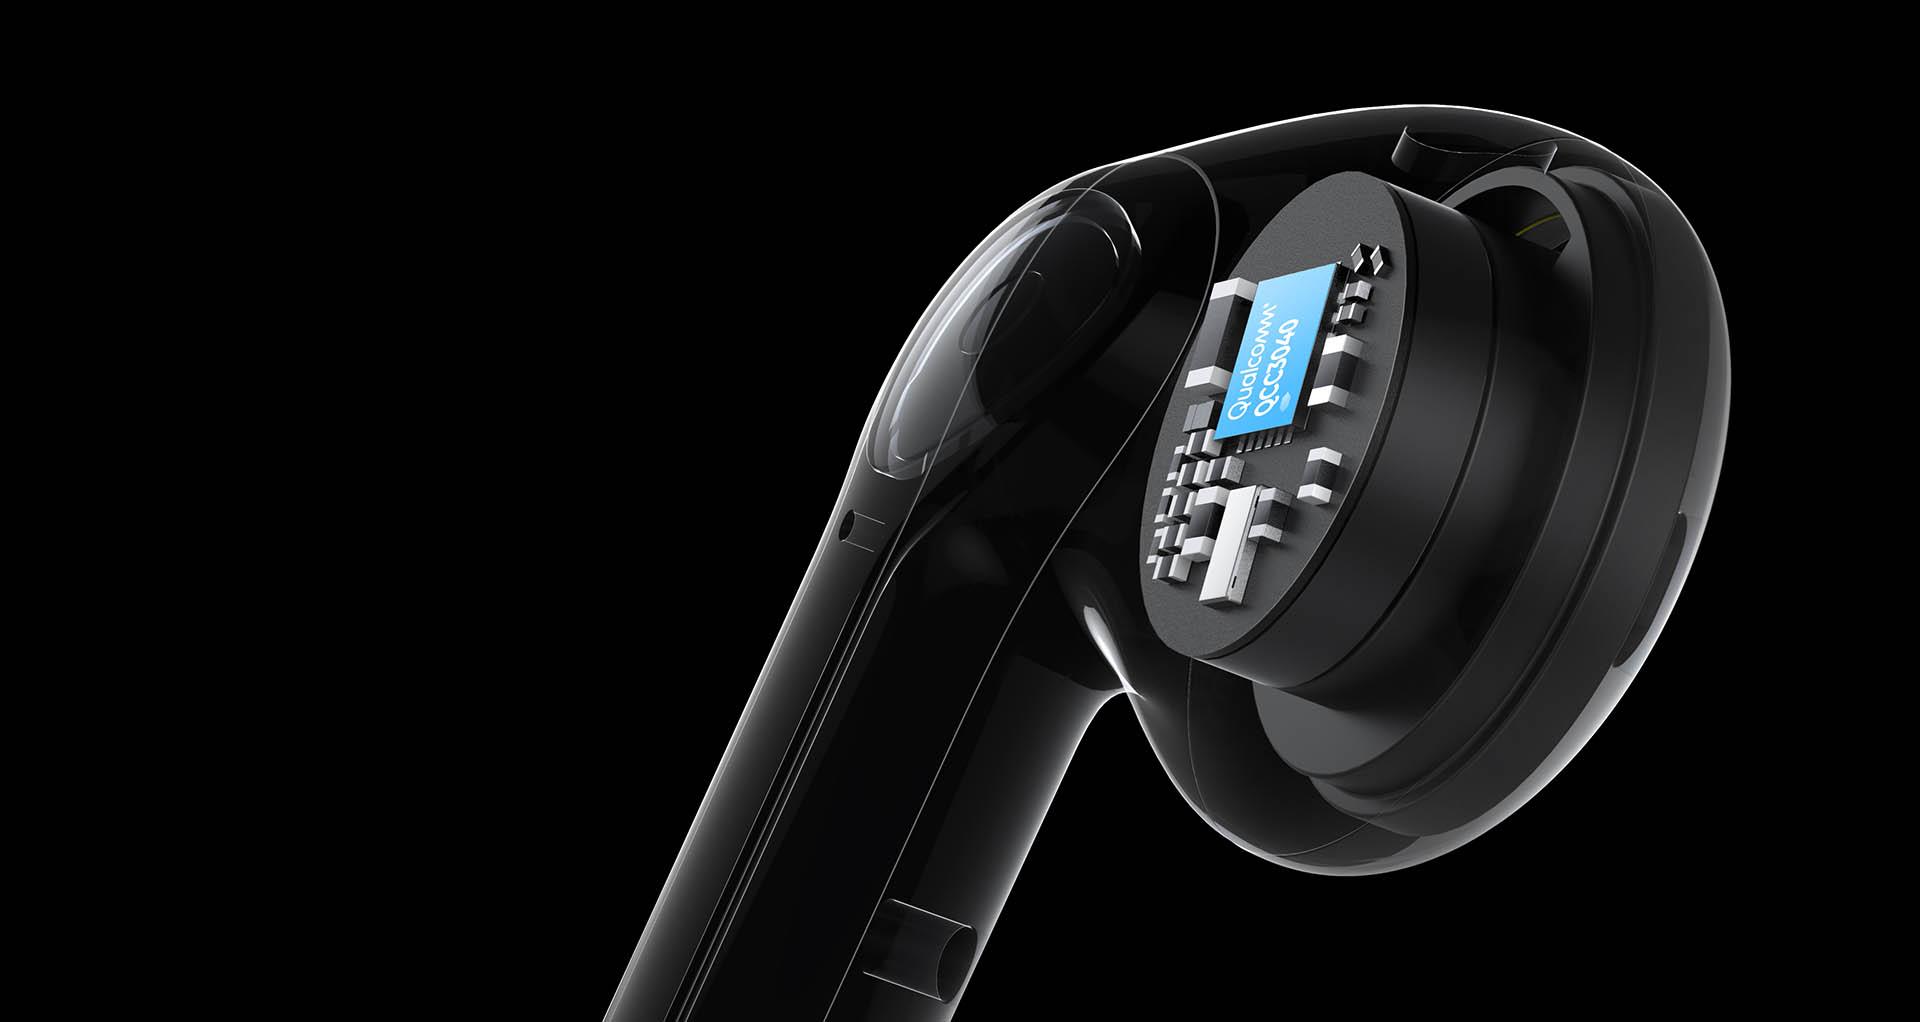 Tai nghe bluetooth soundpeats trueair 2 trang bị công nghệ tiên tiến